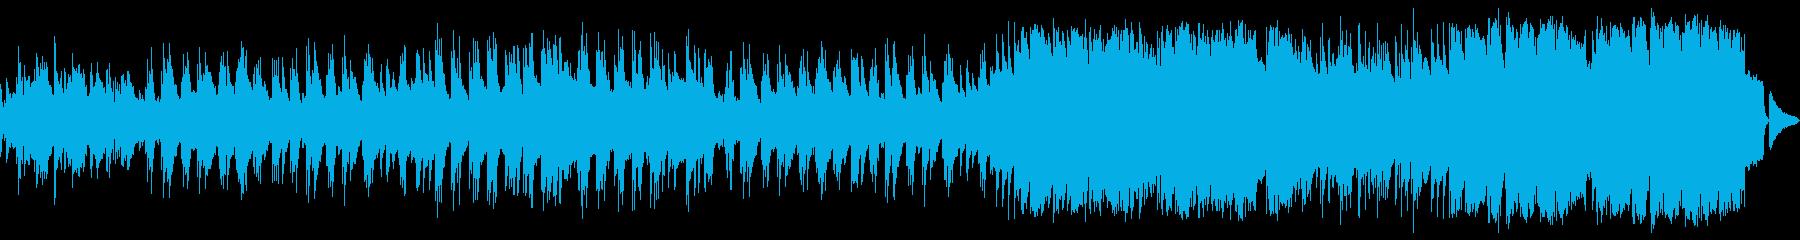 ゆったりとしたメロディアスなピアノワルツの再生済みの波形